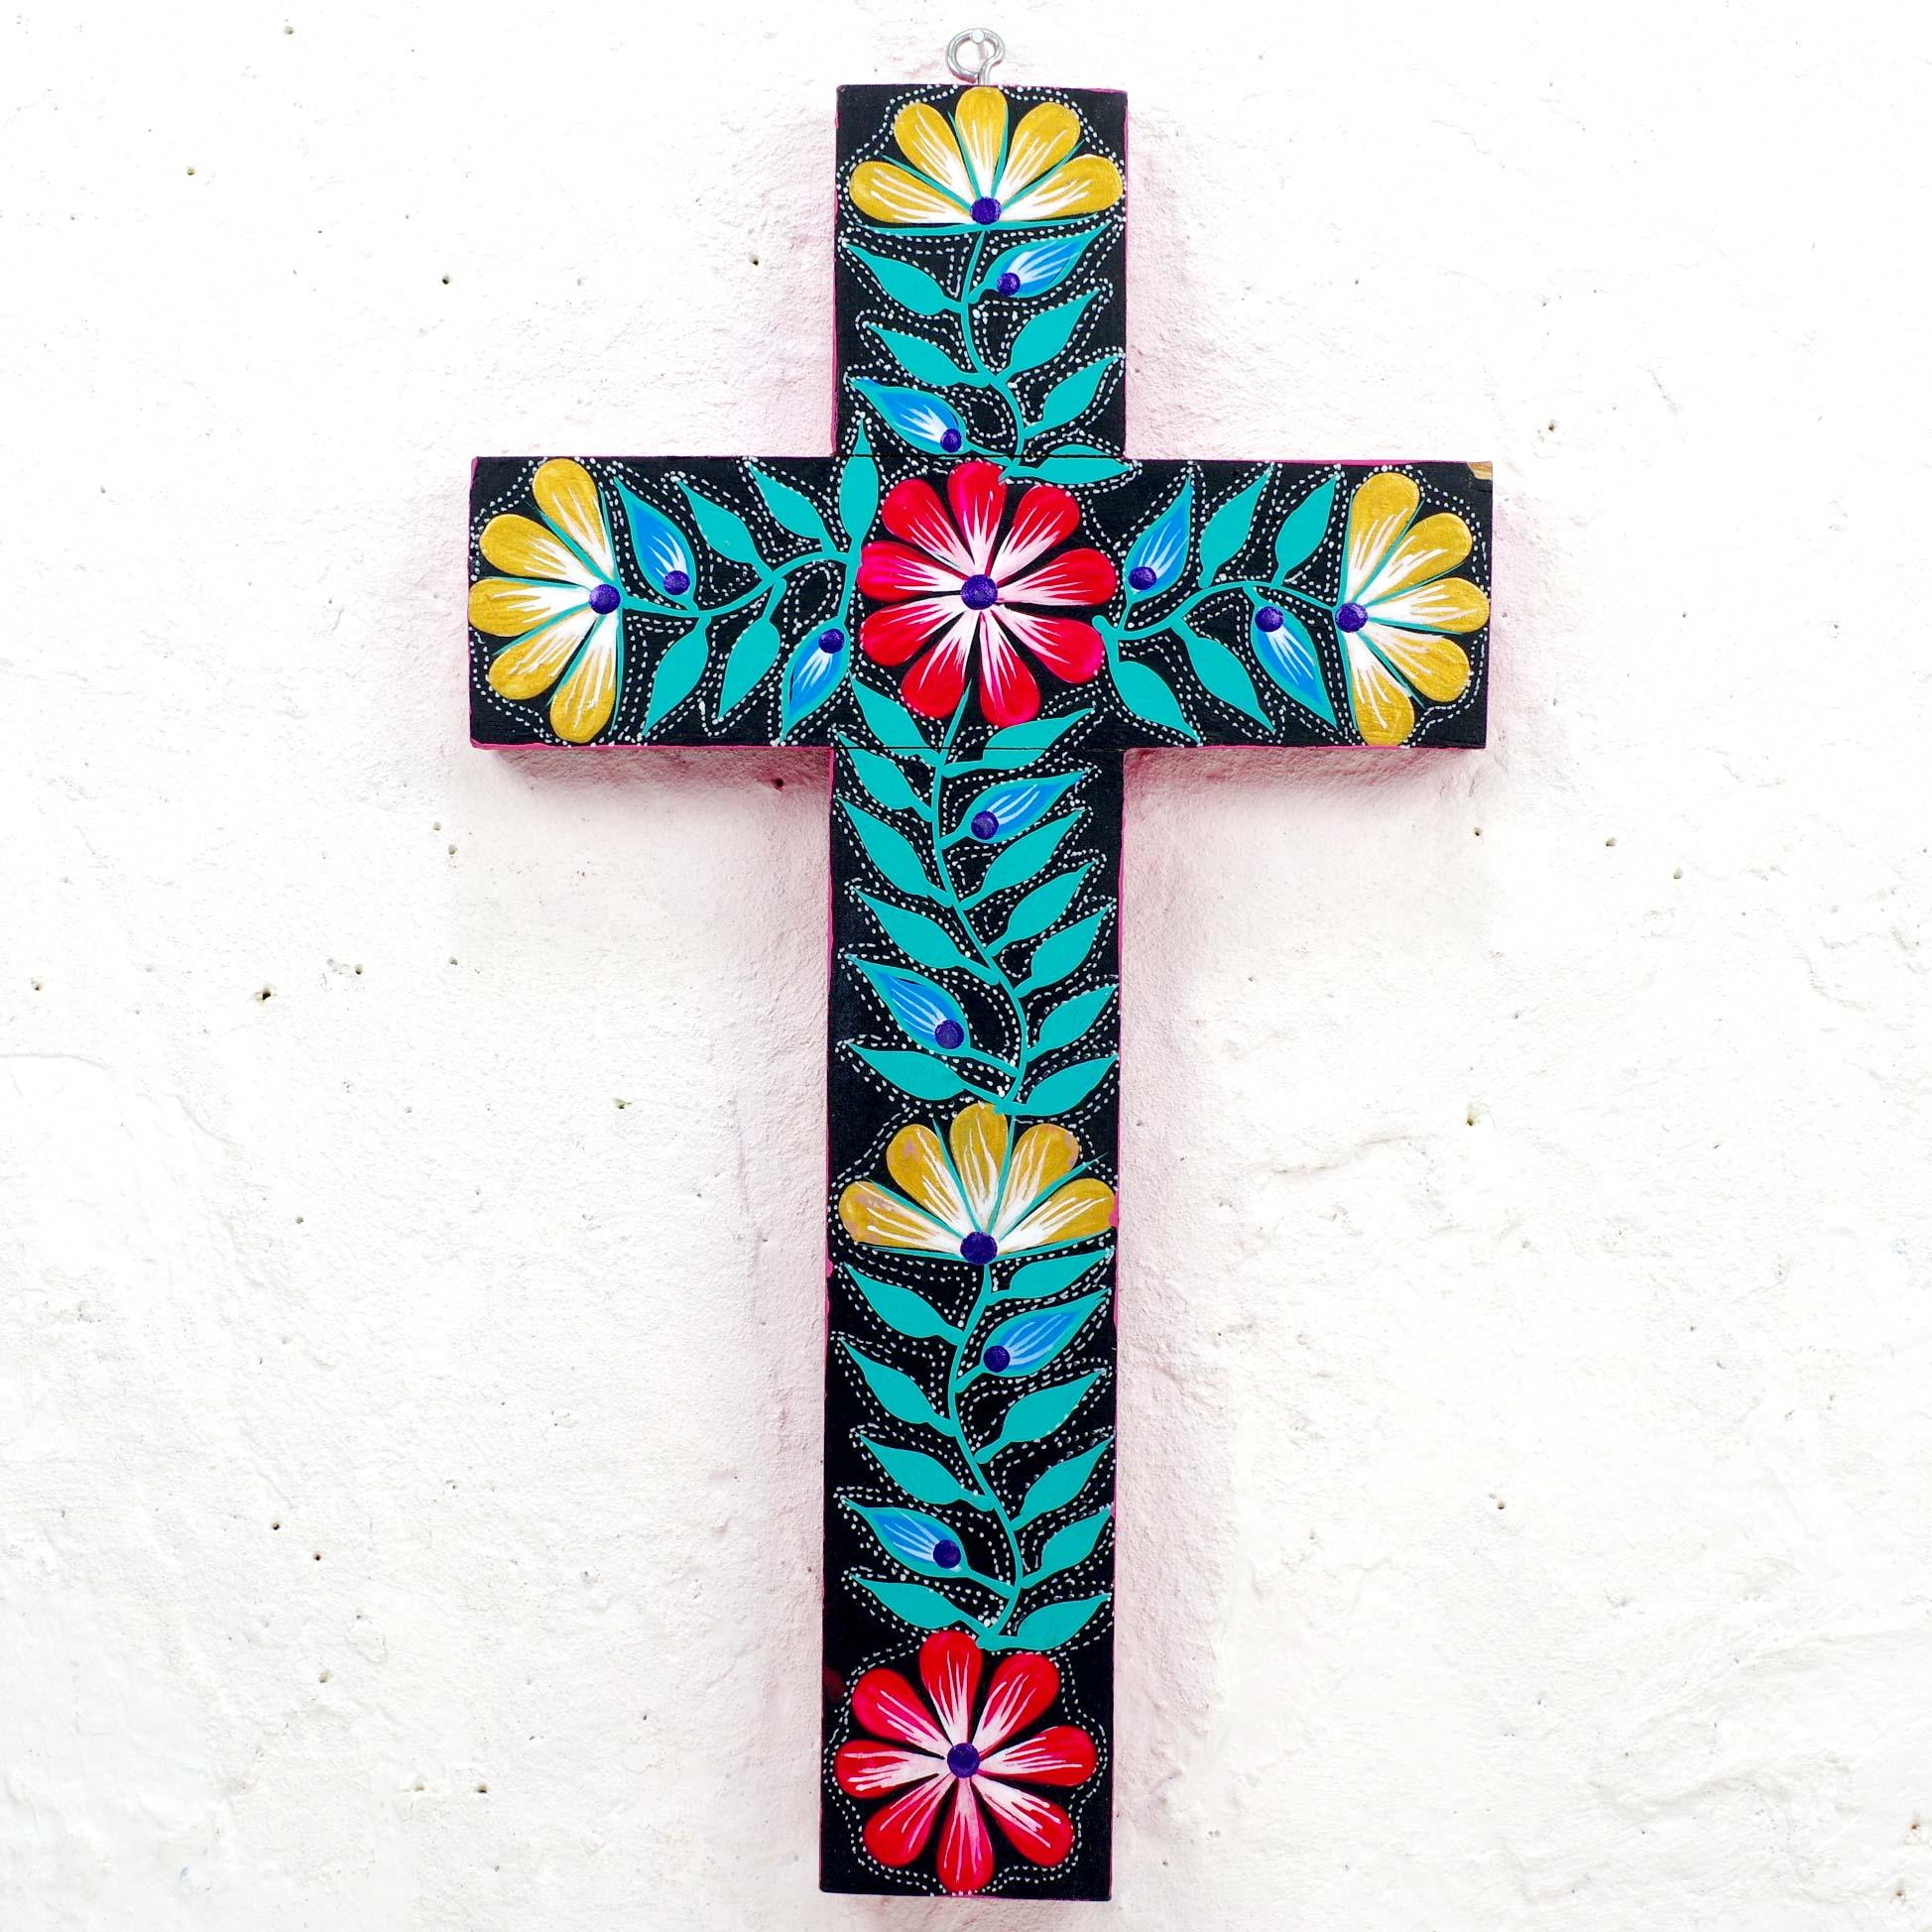 """""""クロス,十字架,壁掛け,壁飾り,アレブリヘス,アレブリヘ,カラフル,,メキシコ雑貨,メキシコ雑貨PAD"""""""